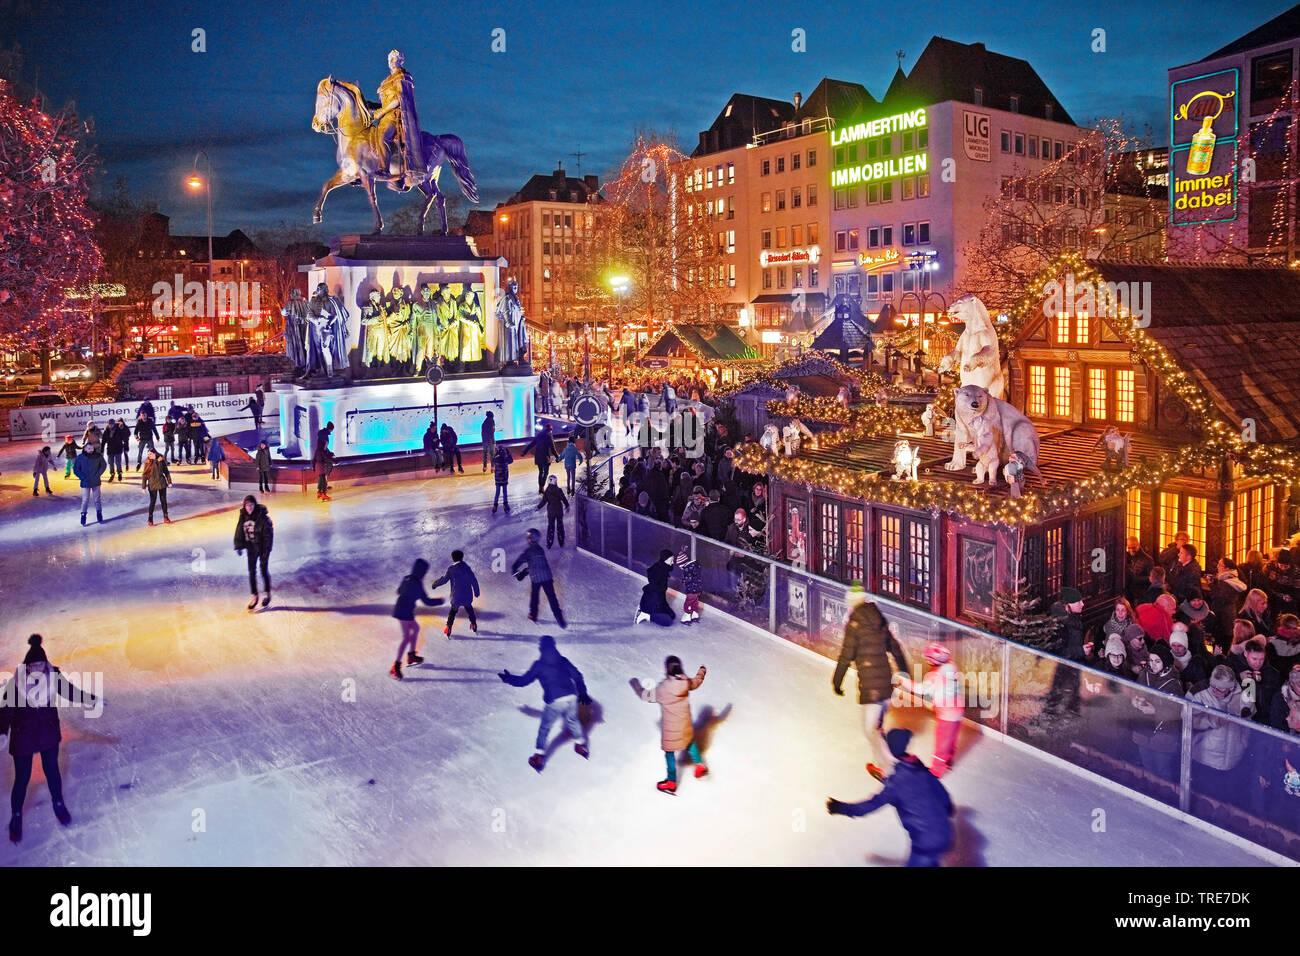 Menschen auf der illuminierten Eisbahn auf dem Heumarkt mit Reiterstandbild Friedrich Wilhelm III, Deutschland, Nordrhein-Westfalen, Koeln   ice skati - Stock Image